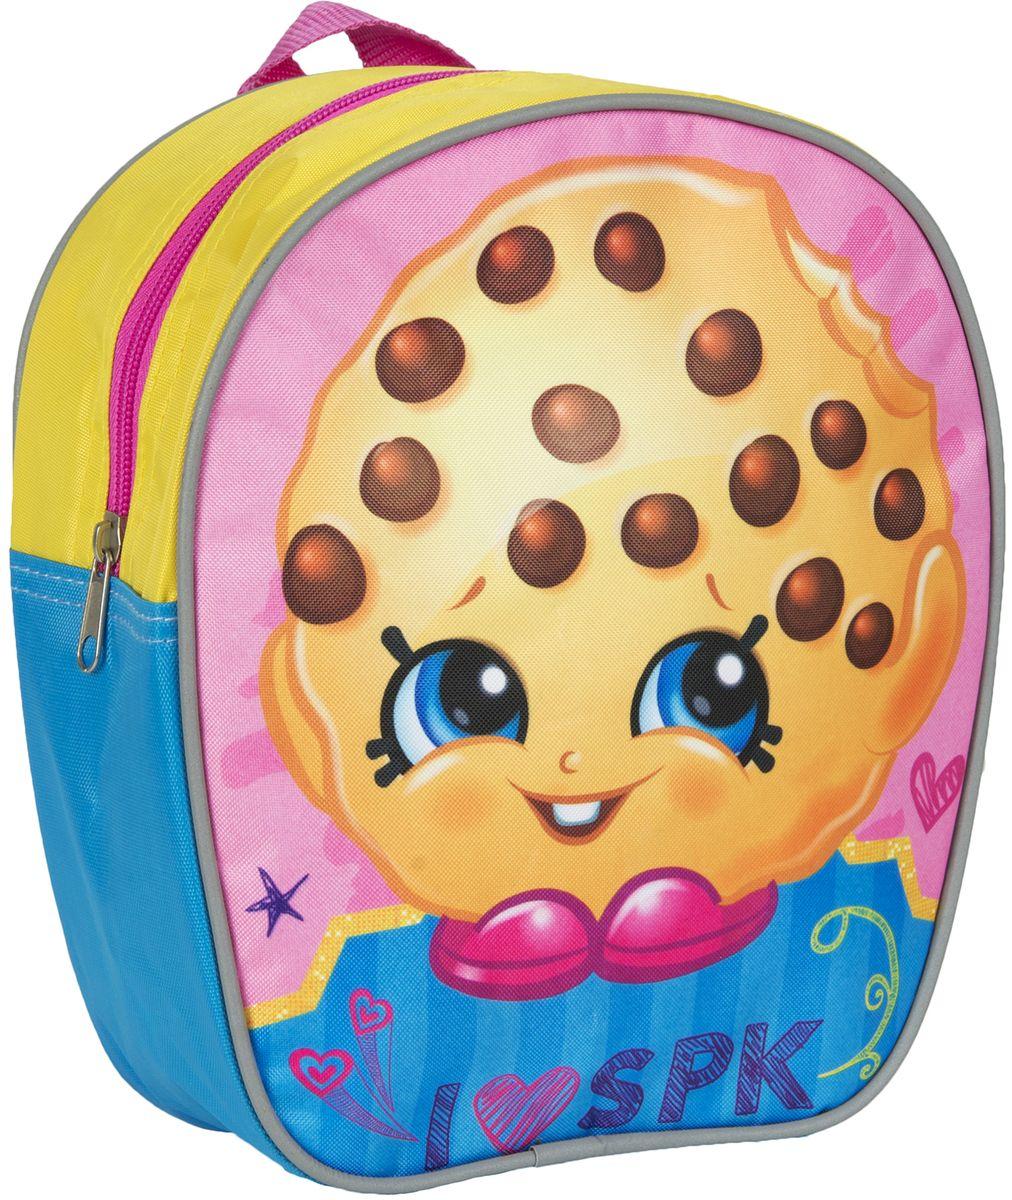 Shopkins Рюкзак дошкольный цвет желтый голубой розовый32222Дошкольный рюкзачок Шопкинс с милым принтом будет практичным, удобным и привлекательным аксессуаром для вашего ребенка. В его внутреннем отделении на молнии легко поместятся не только игрушки, но даже тетрадка или книжка. Благодаря регулируемым лямкам, рюкзачок подходит детям любого роста. Удобная ручка помогает носить аксессуар в руке или размещать на вешалке. Износостойкий материал с водонепроницаемой основой и подкладка обеспечивают изделию длительный срок службы и помогают держать вещи сухими в дождливую погоду. Аксессуар декорирован ярким принтом с изображением стилизованного печенья с шоколадной крошкой (сублимированной печатью), устойчивым к истиранию и выгоранию на солнце.